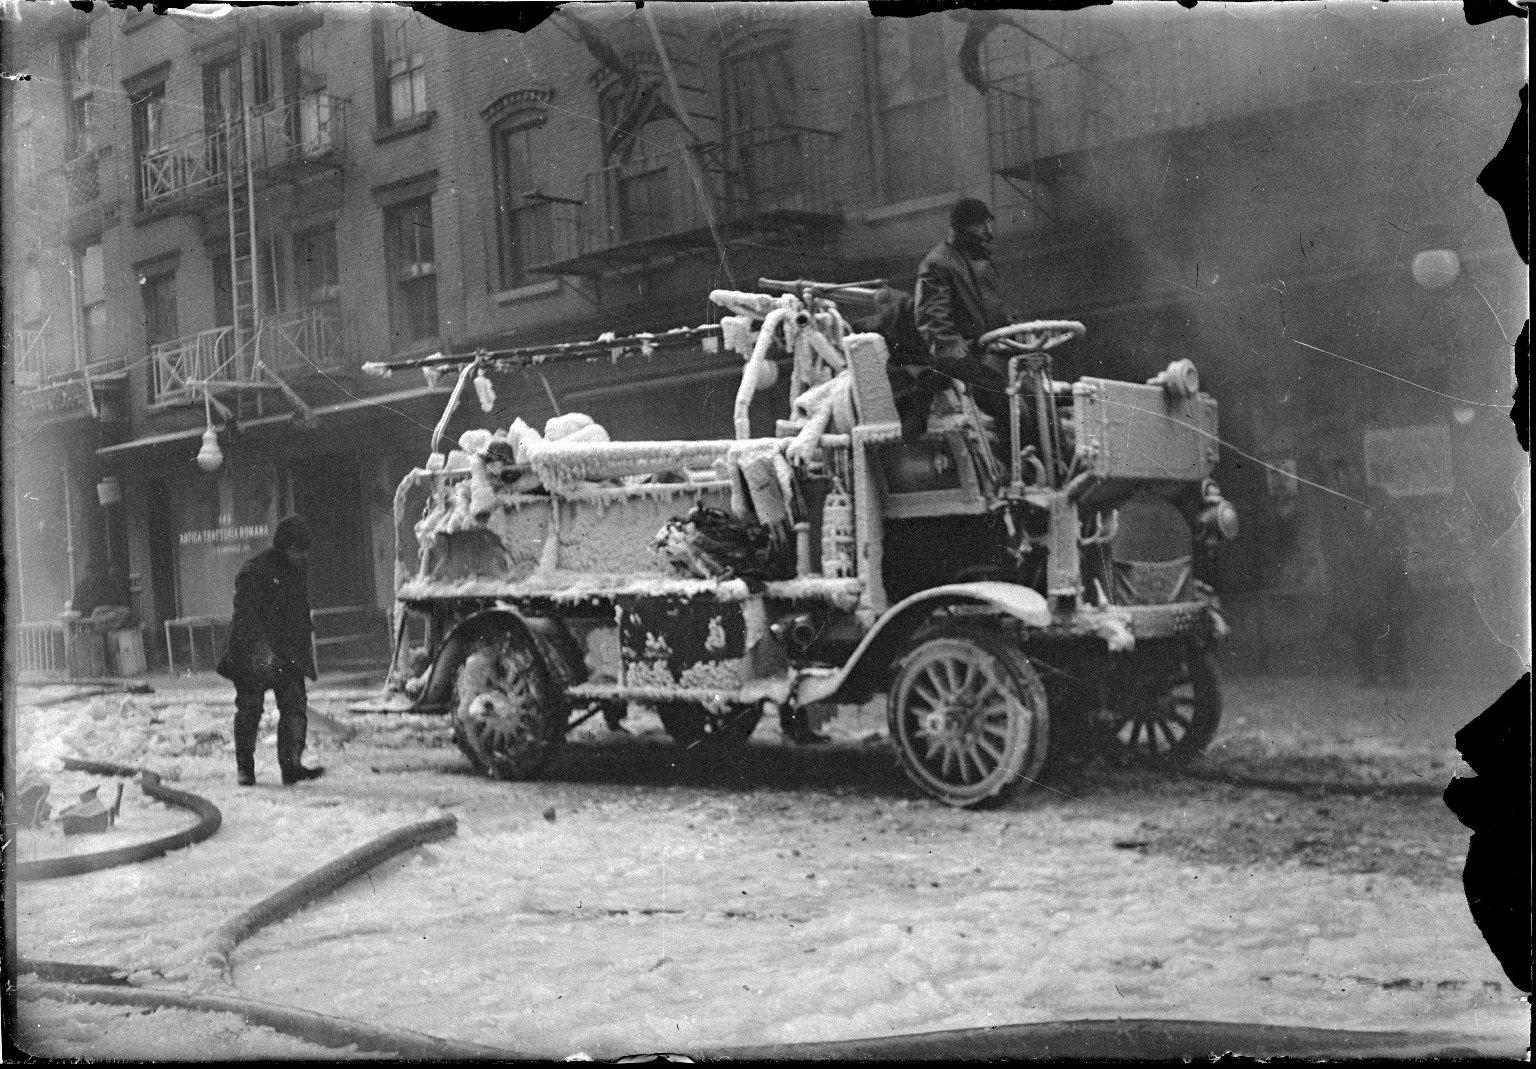 Покрытый льдом пожарный насос. Нью-Йорк, США. Начало 20 века